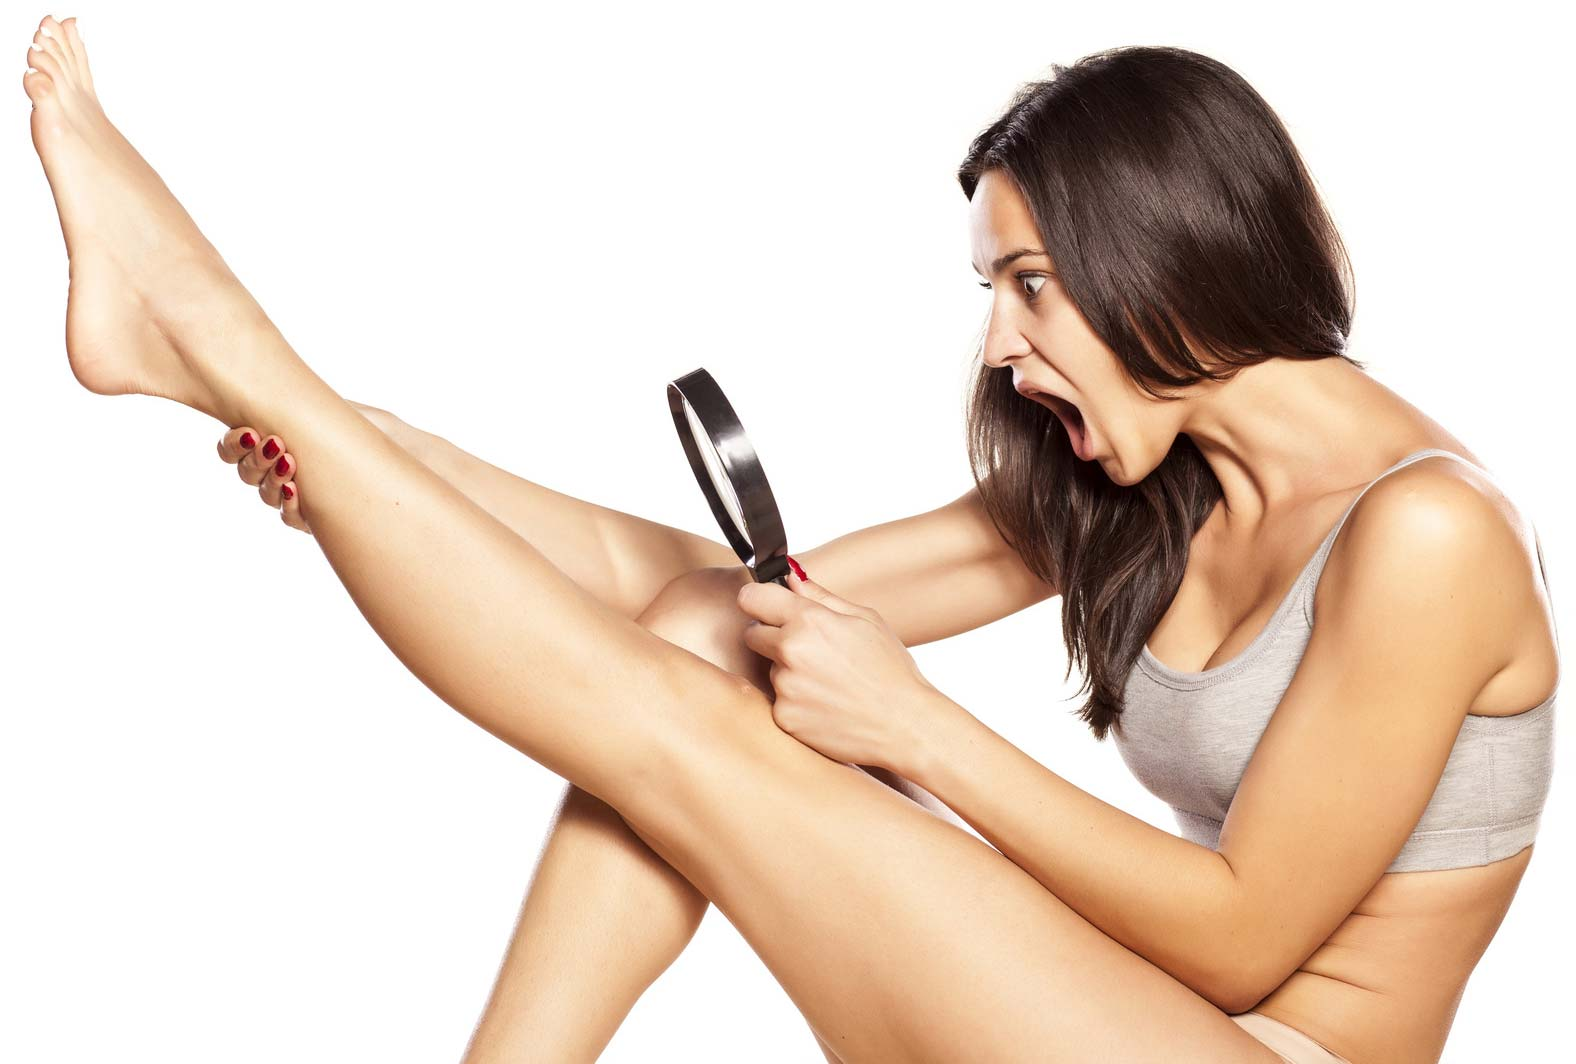 5 естественных способов, которые помогут избавится от волос на теле